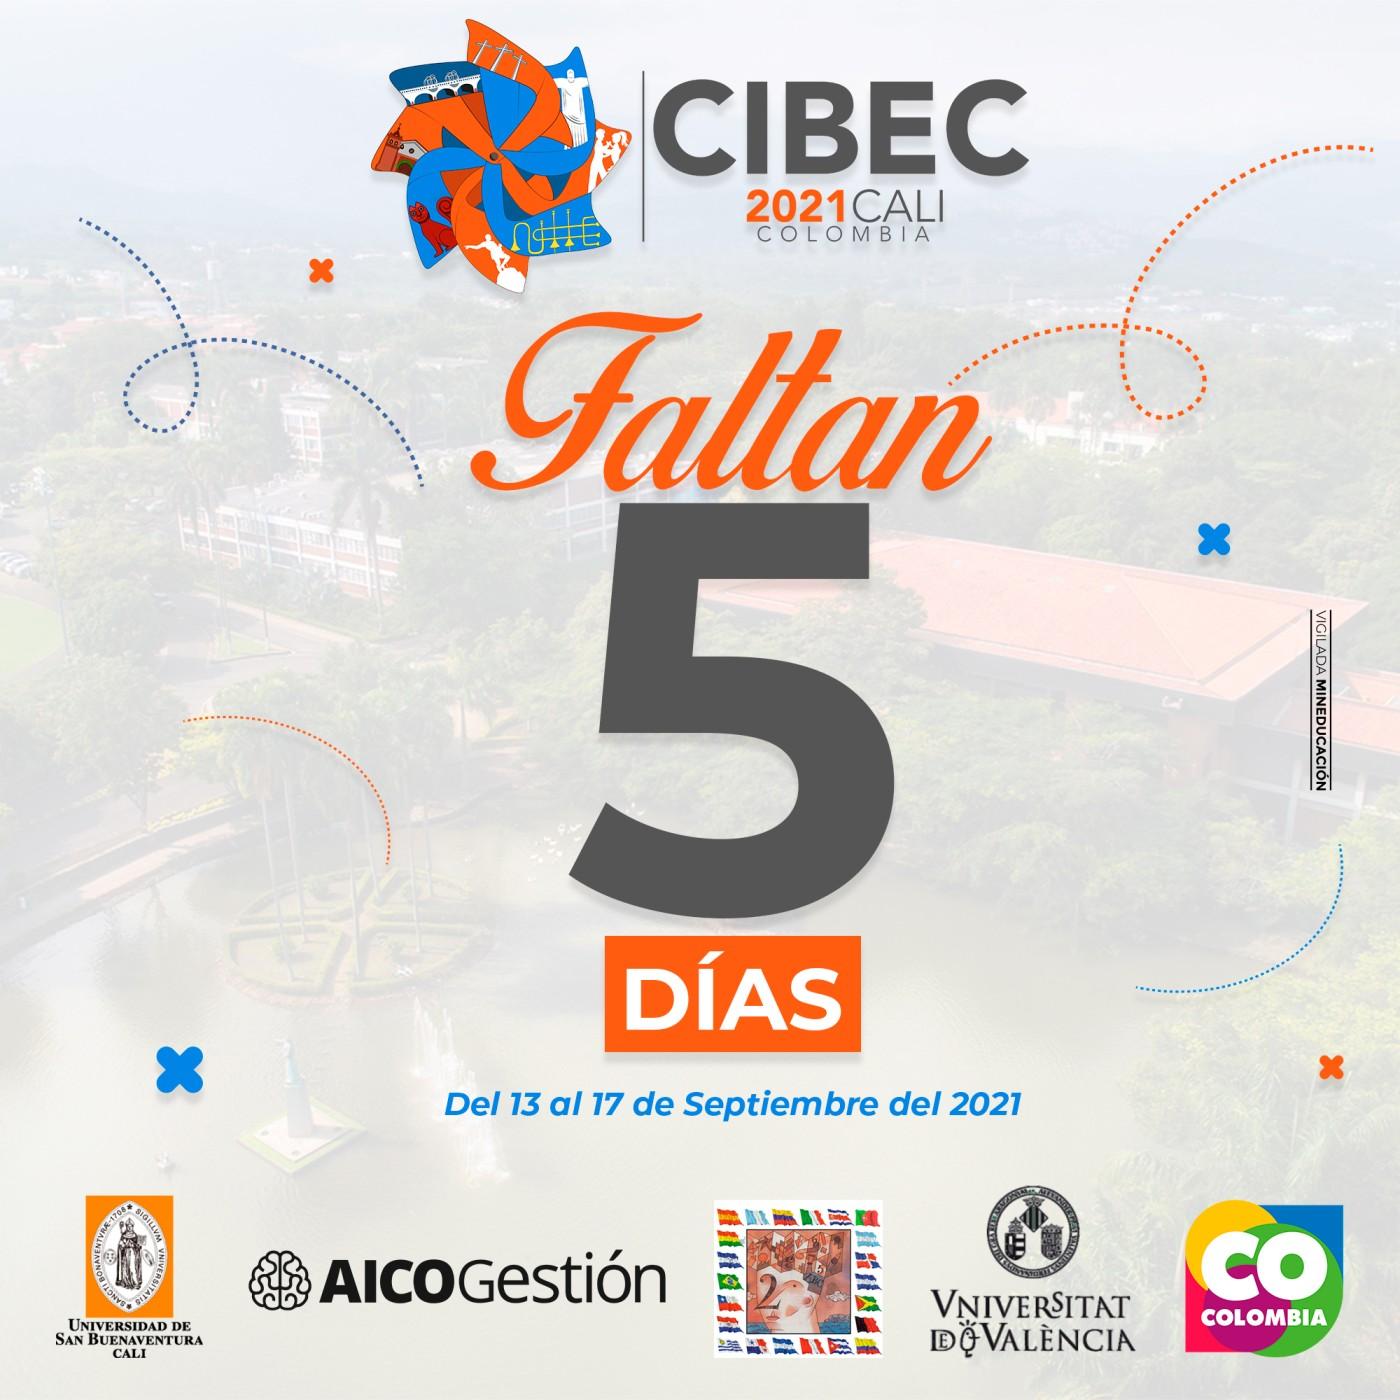 Faltan-5-dias-CIBEC-2021